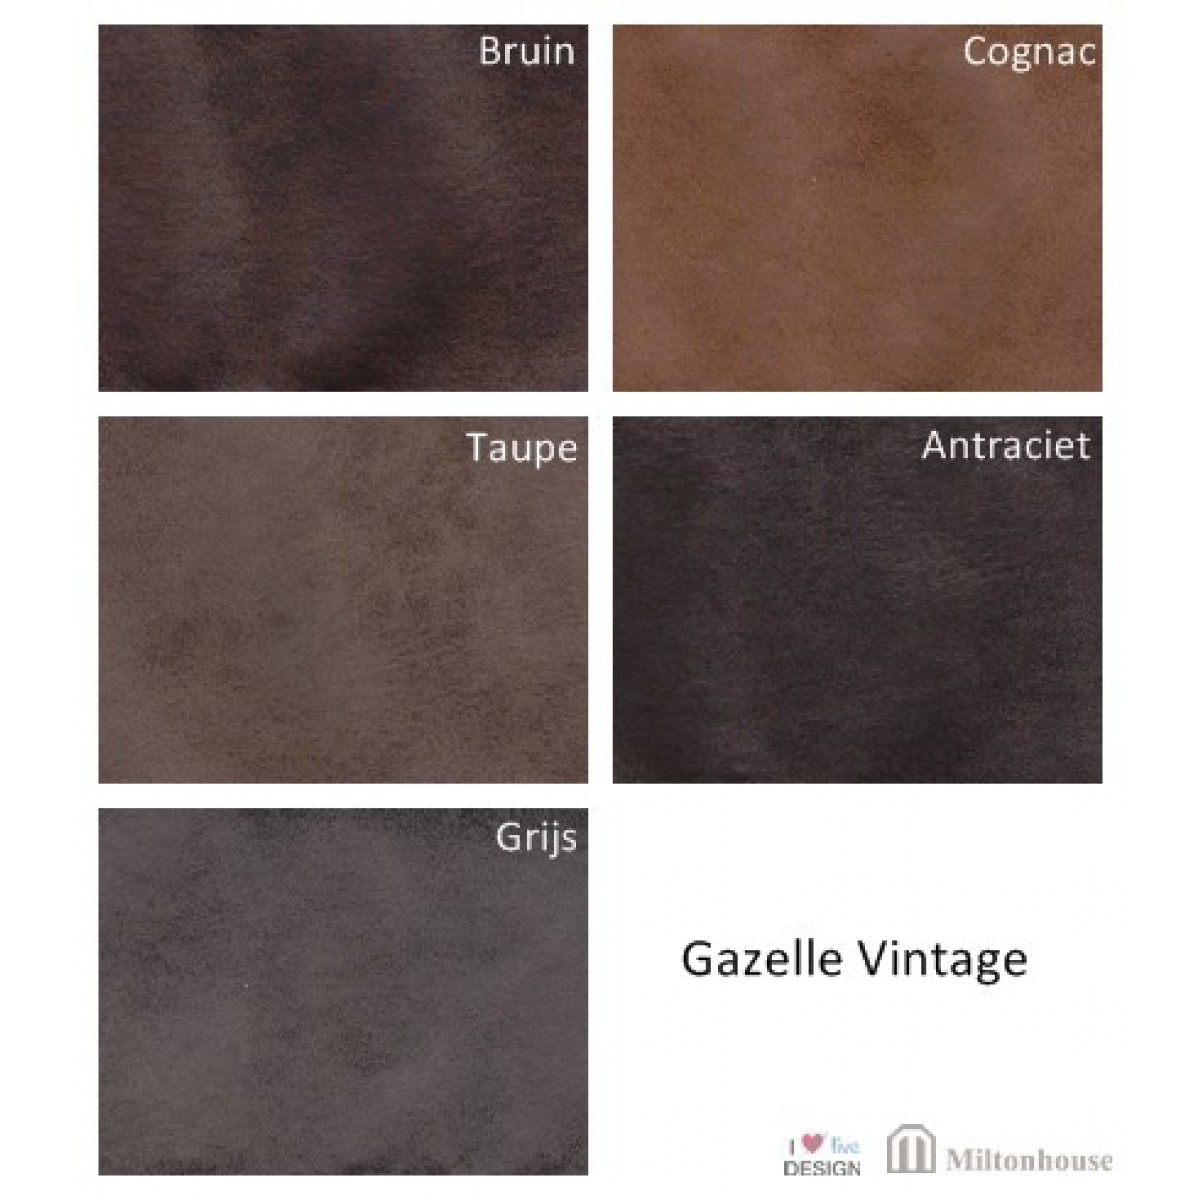 gazelle-vintage-leder-stalen